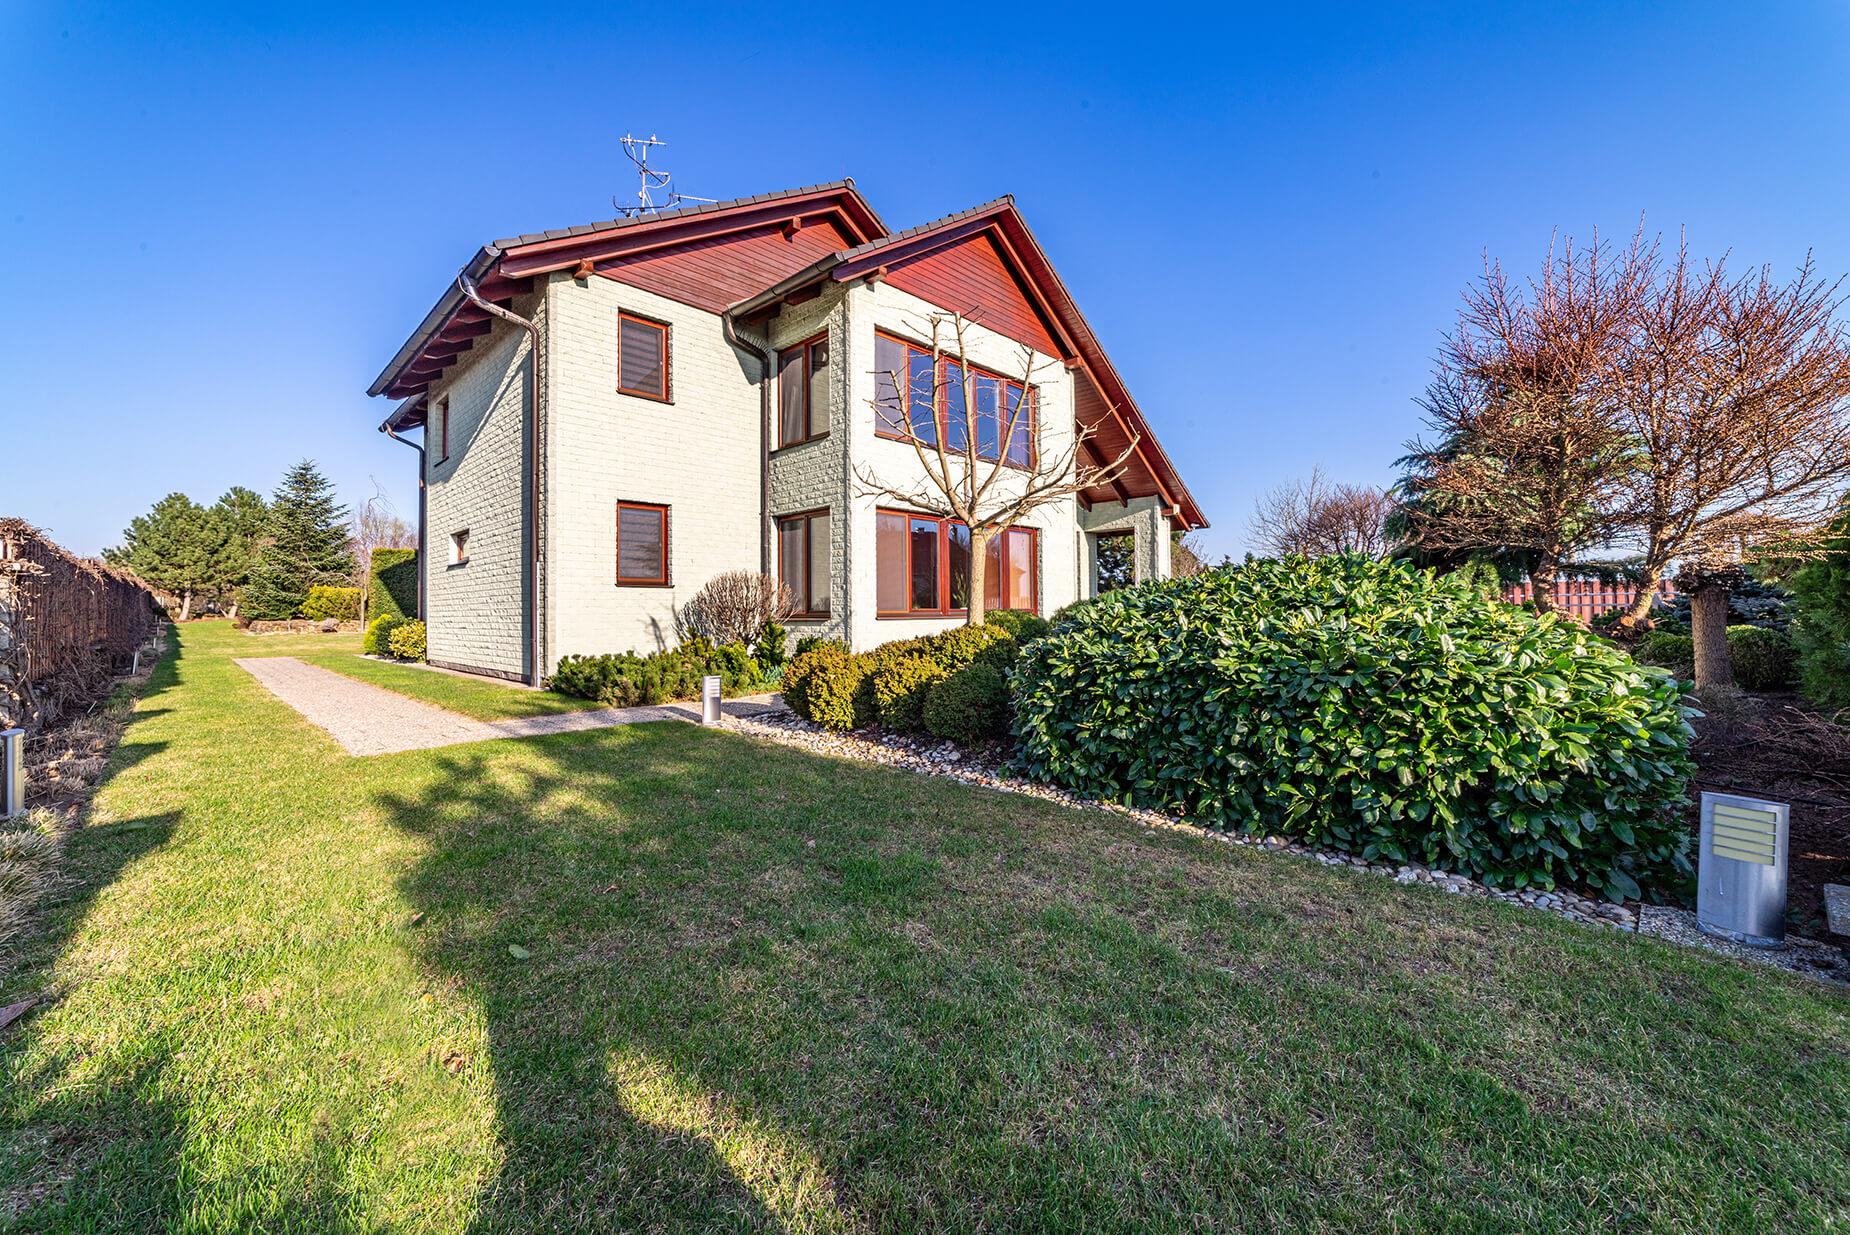 Prodej luxusního rodinného sídla, UP 400 m², pozemek 2392 m², Medlov